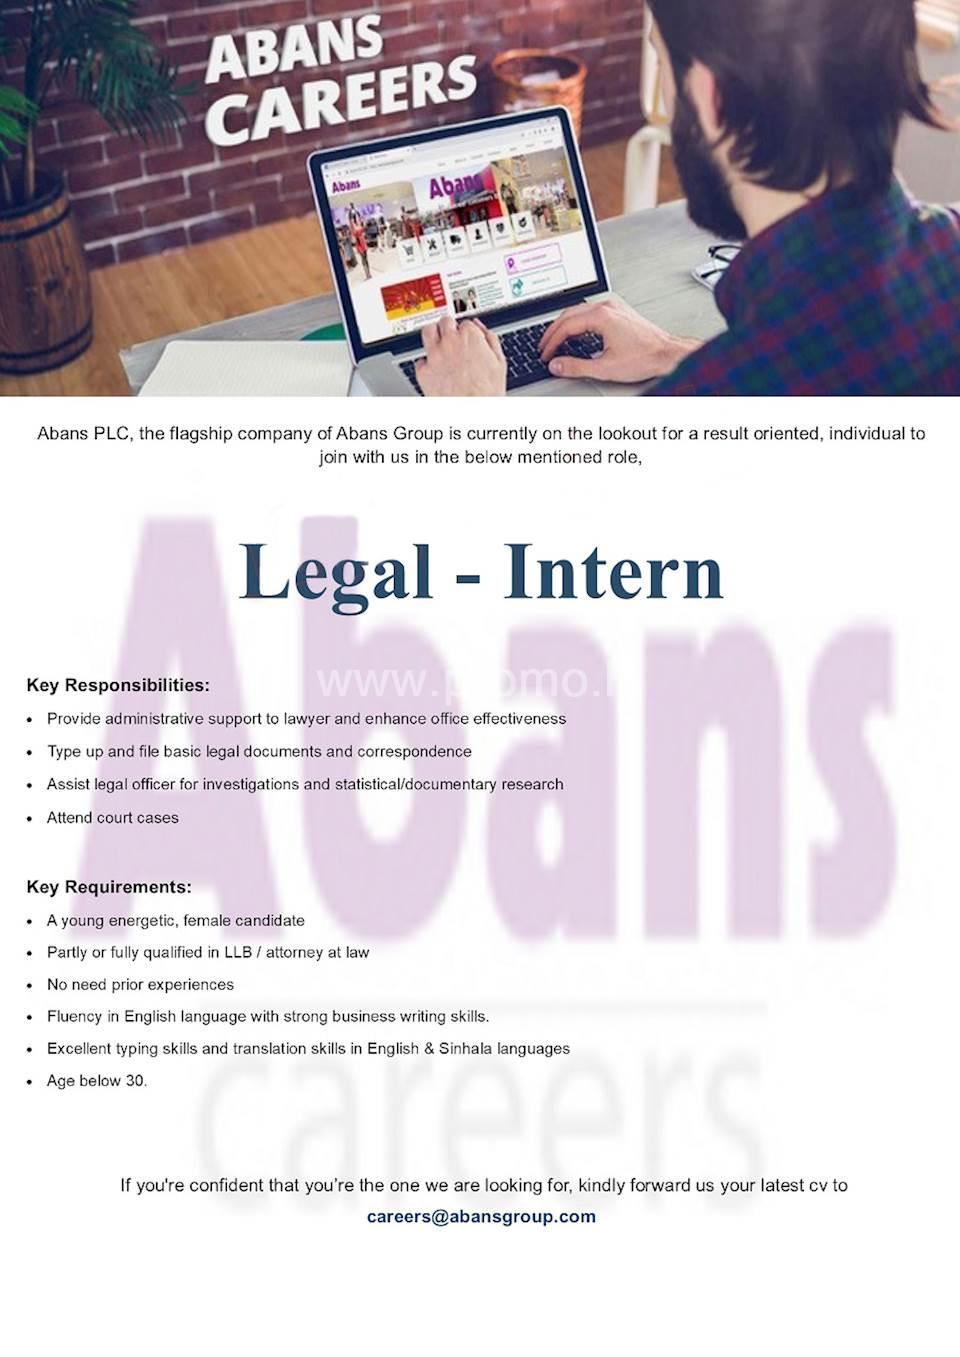 Legal - Intern